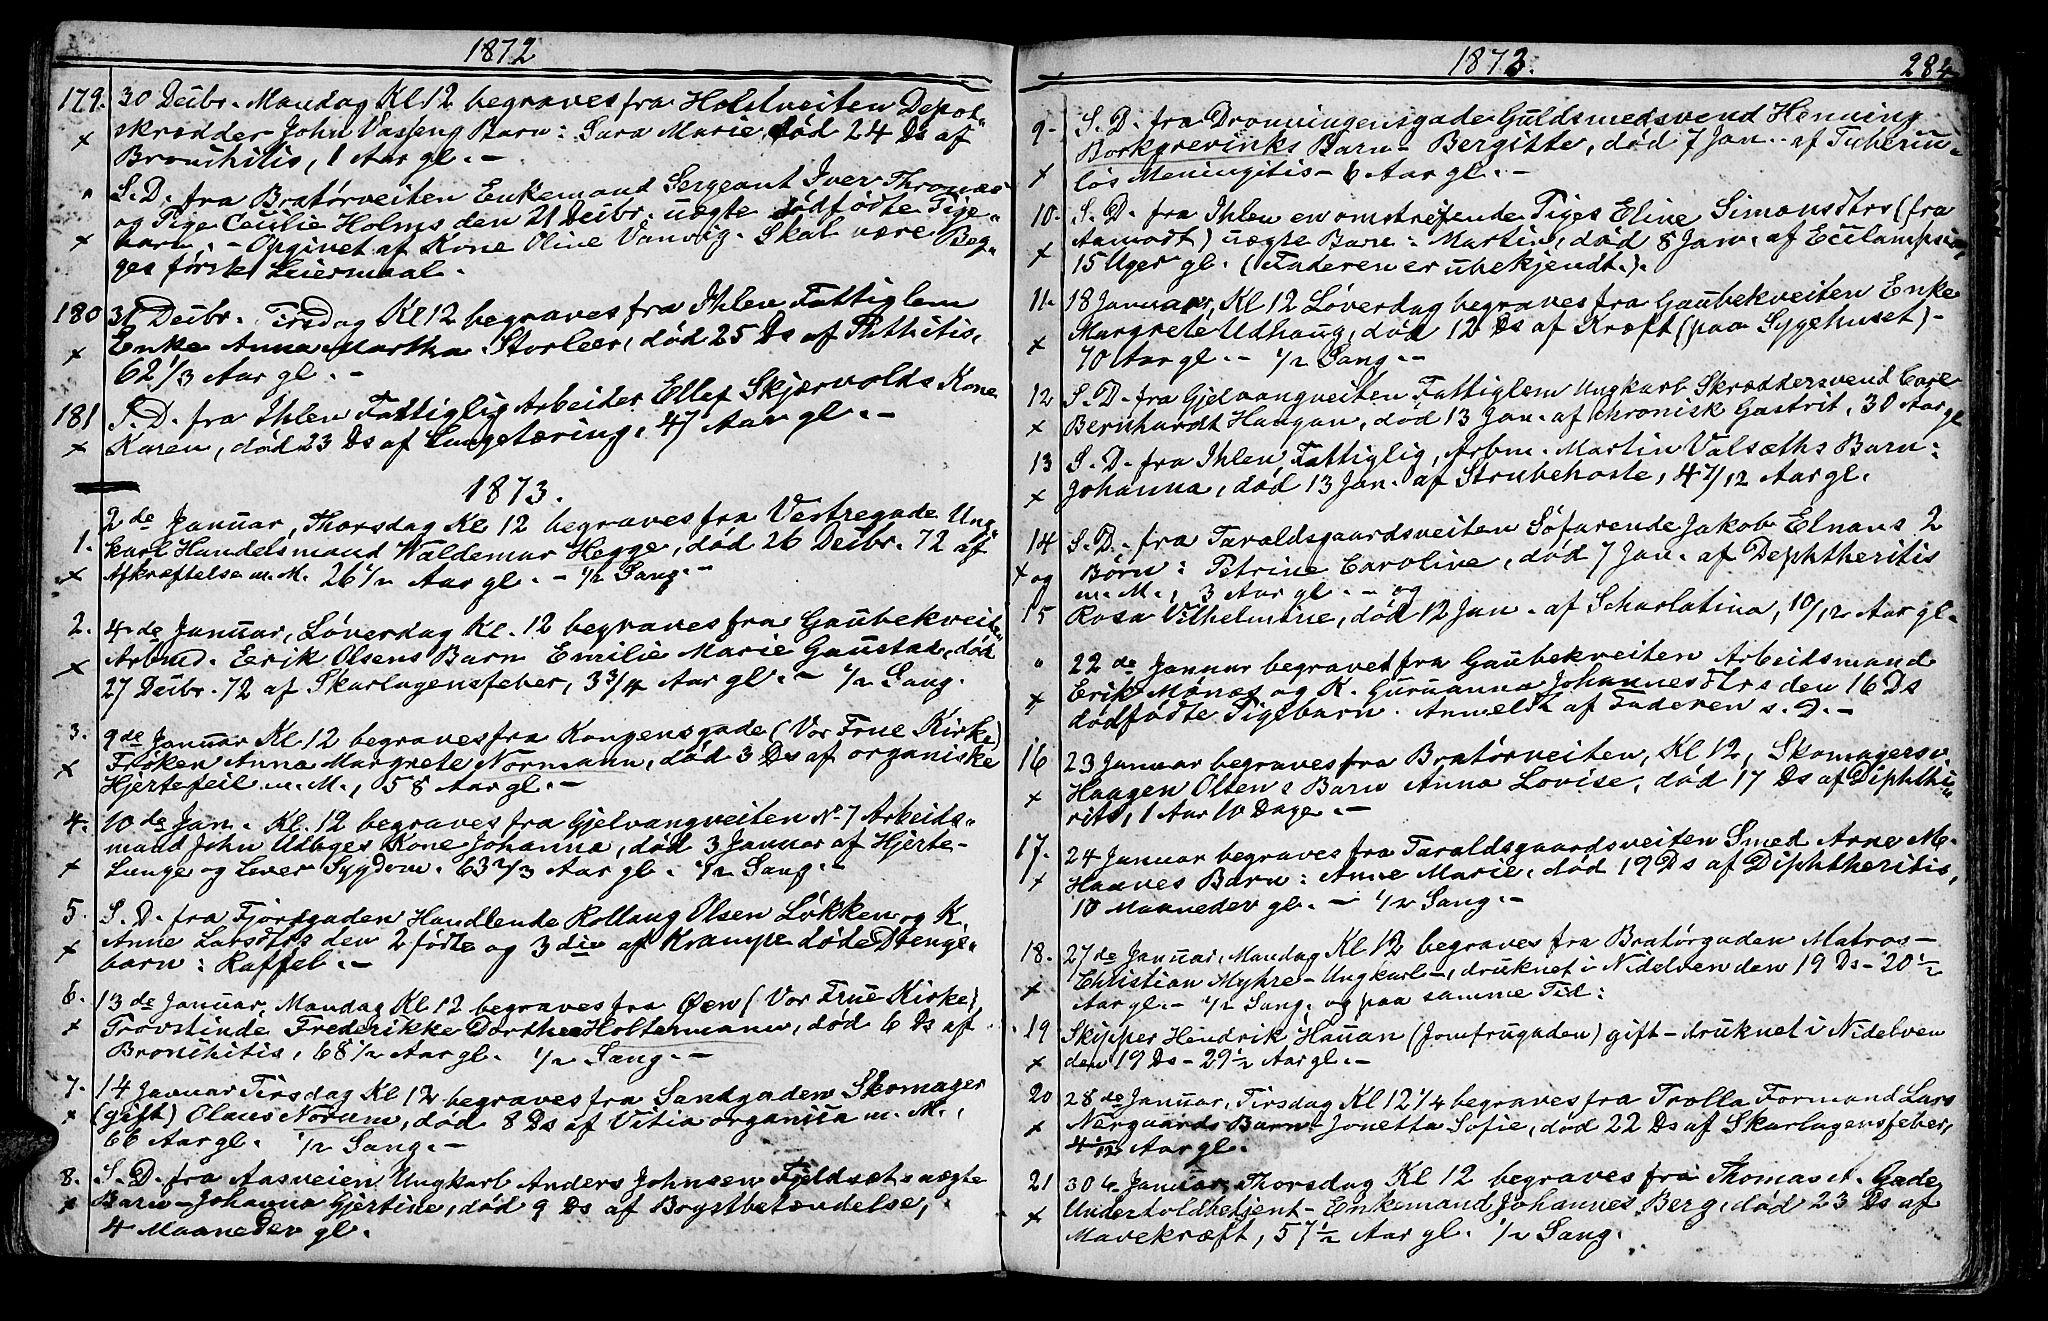 SAT, Ministerialprotokoller, klokkerbøker og fødselsregistre - Sør-Trøndelag, 602/L0142: Klokkerbok nr. 602C10, 1872-1894, s. 284